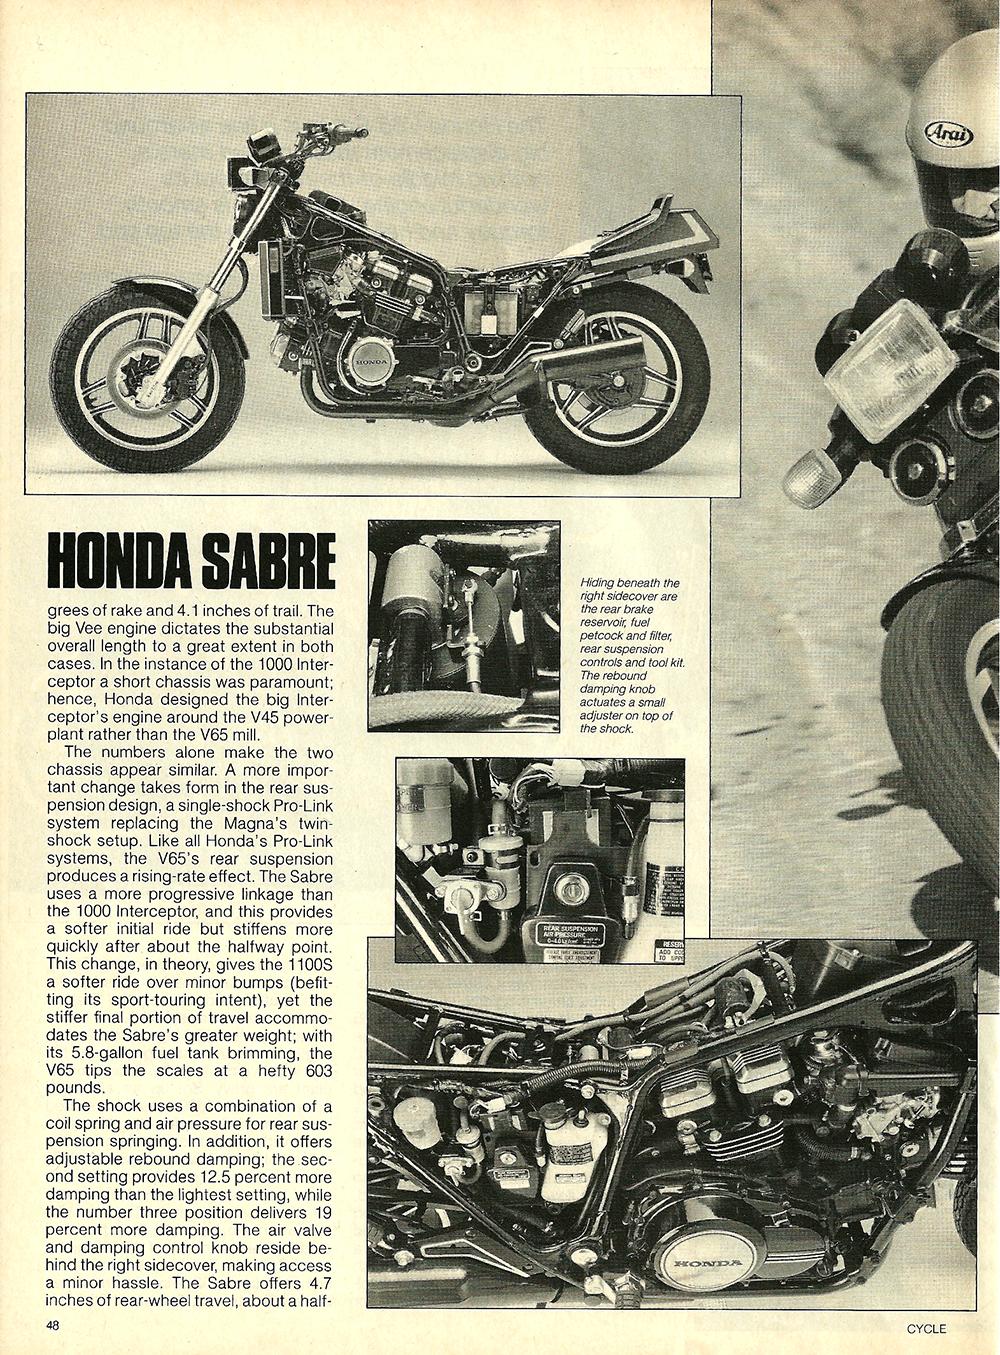 1984 Honda V65 Sabre road test 5.jpg